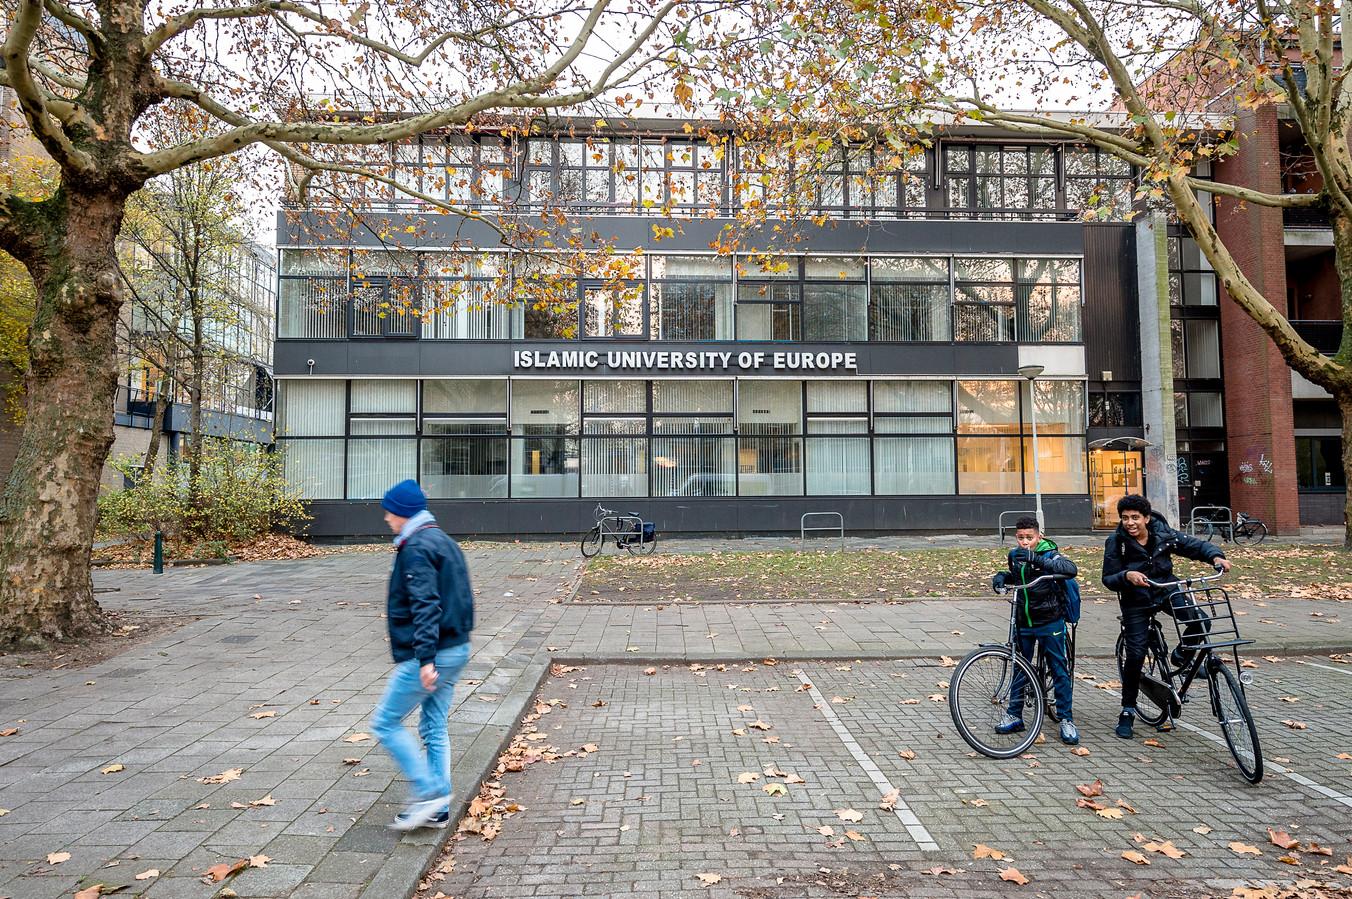 Islamitische Universiteit van Europa.